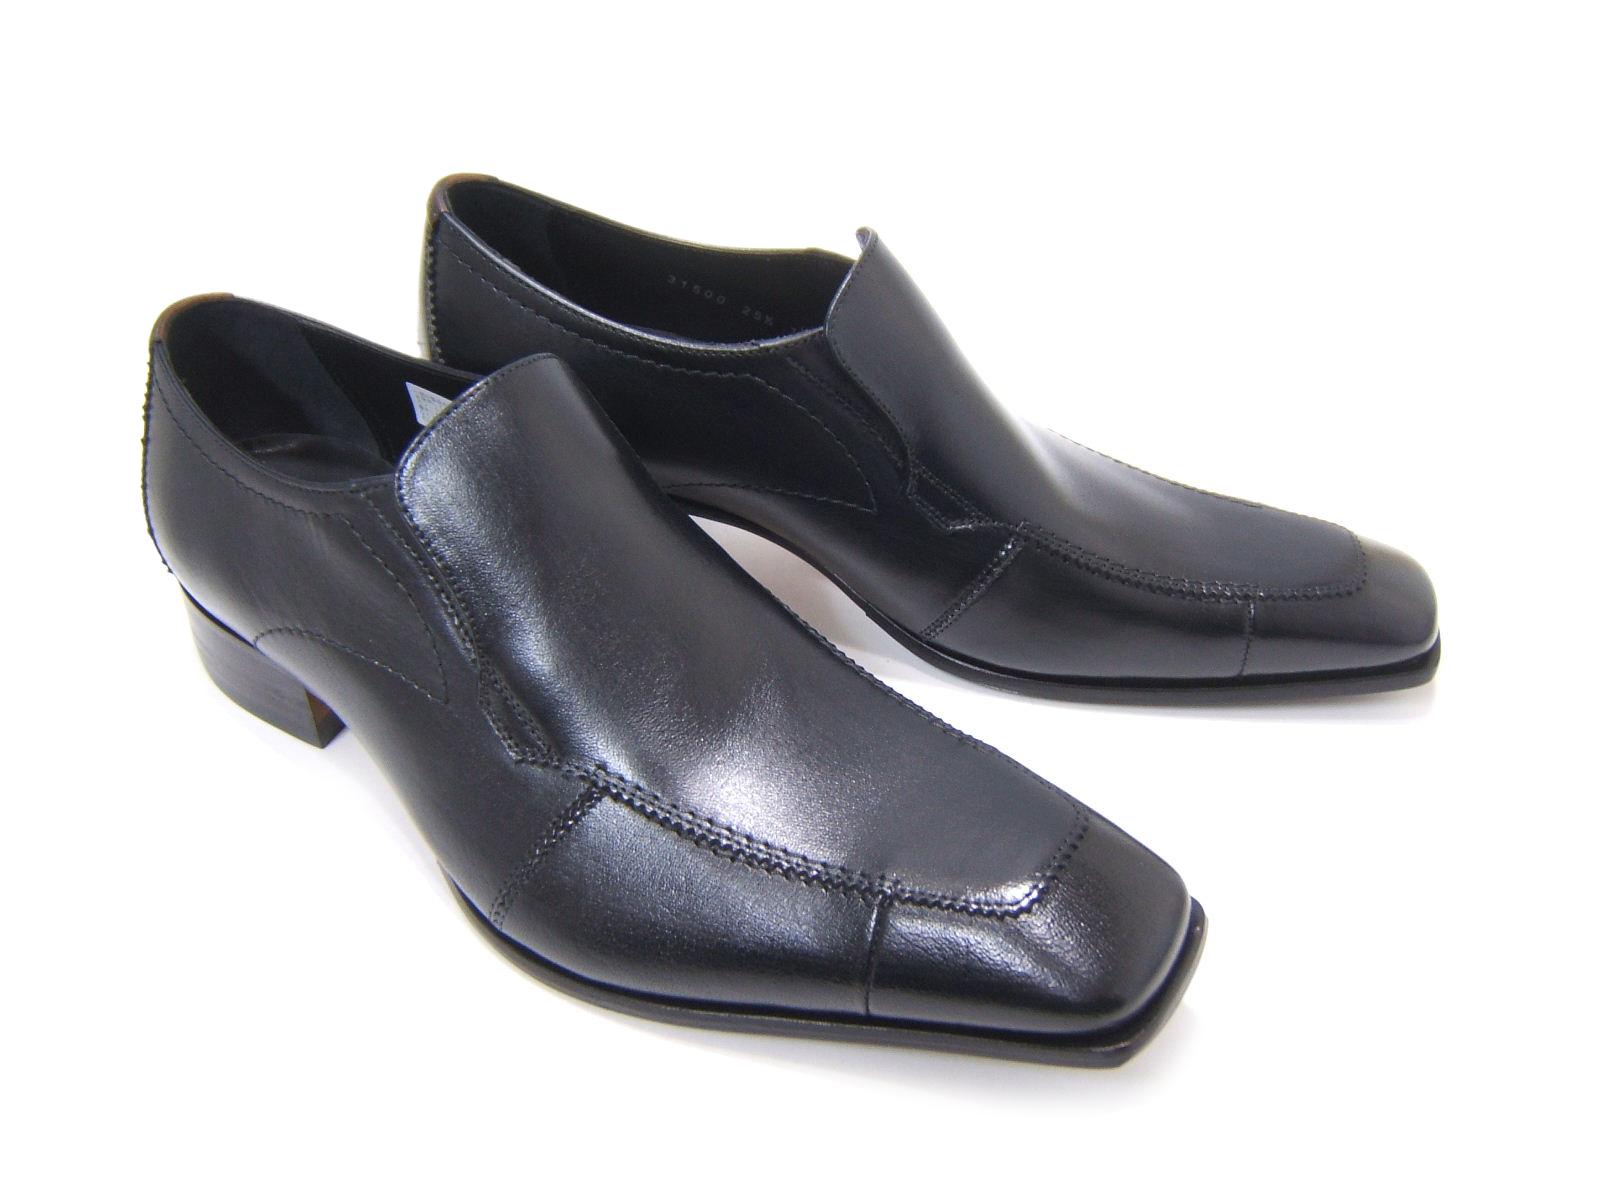 シンプルながら落ち着きのあるブリティッシュスタイル!KATHARINE HAMNETT LONDON キャサリン ハムネット ロンドン紳士靴 31500 ブラック Uチップ スリップオン 送料無料